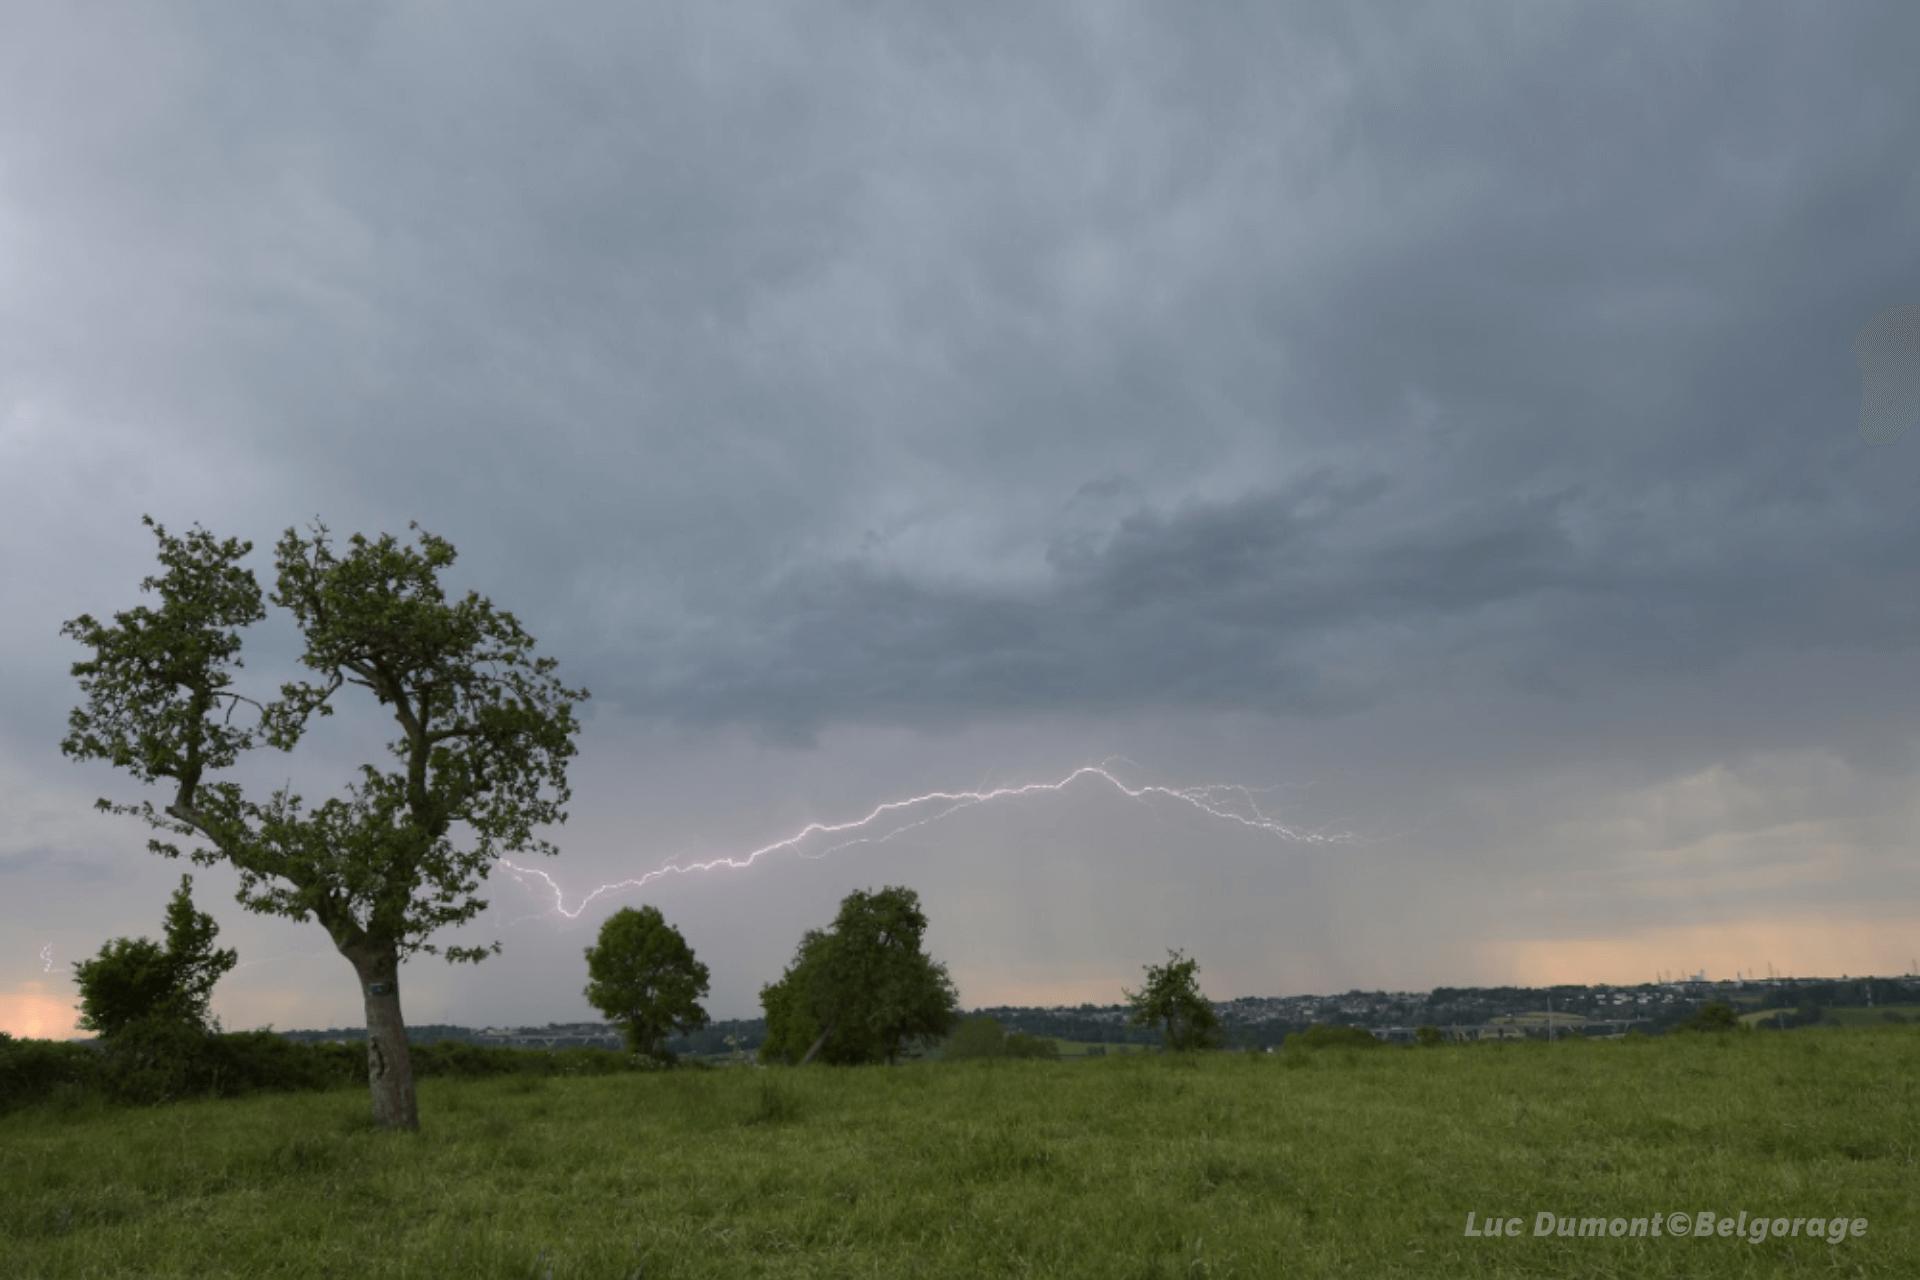 Éclair internuageux à Xhenderesse, en province de Liège, le 2 juin 2021 vers 19h30.